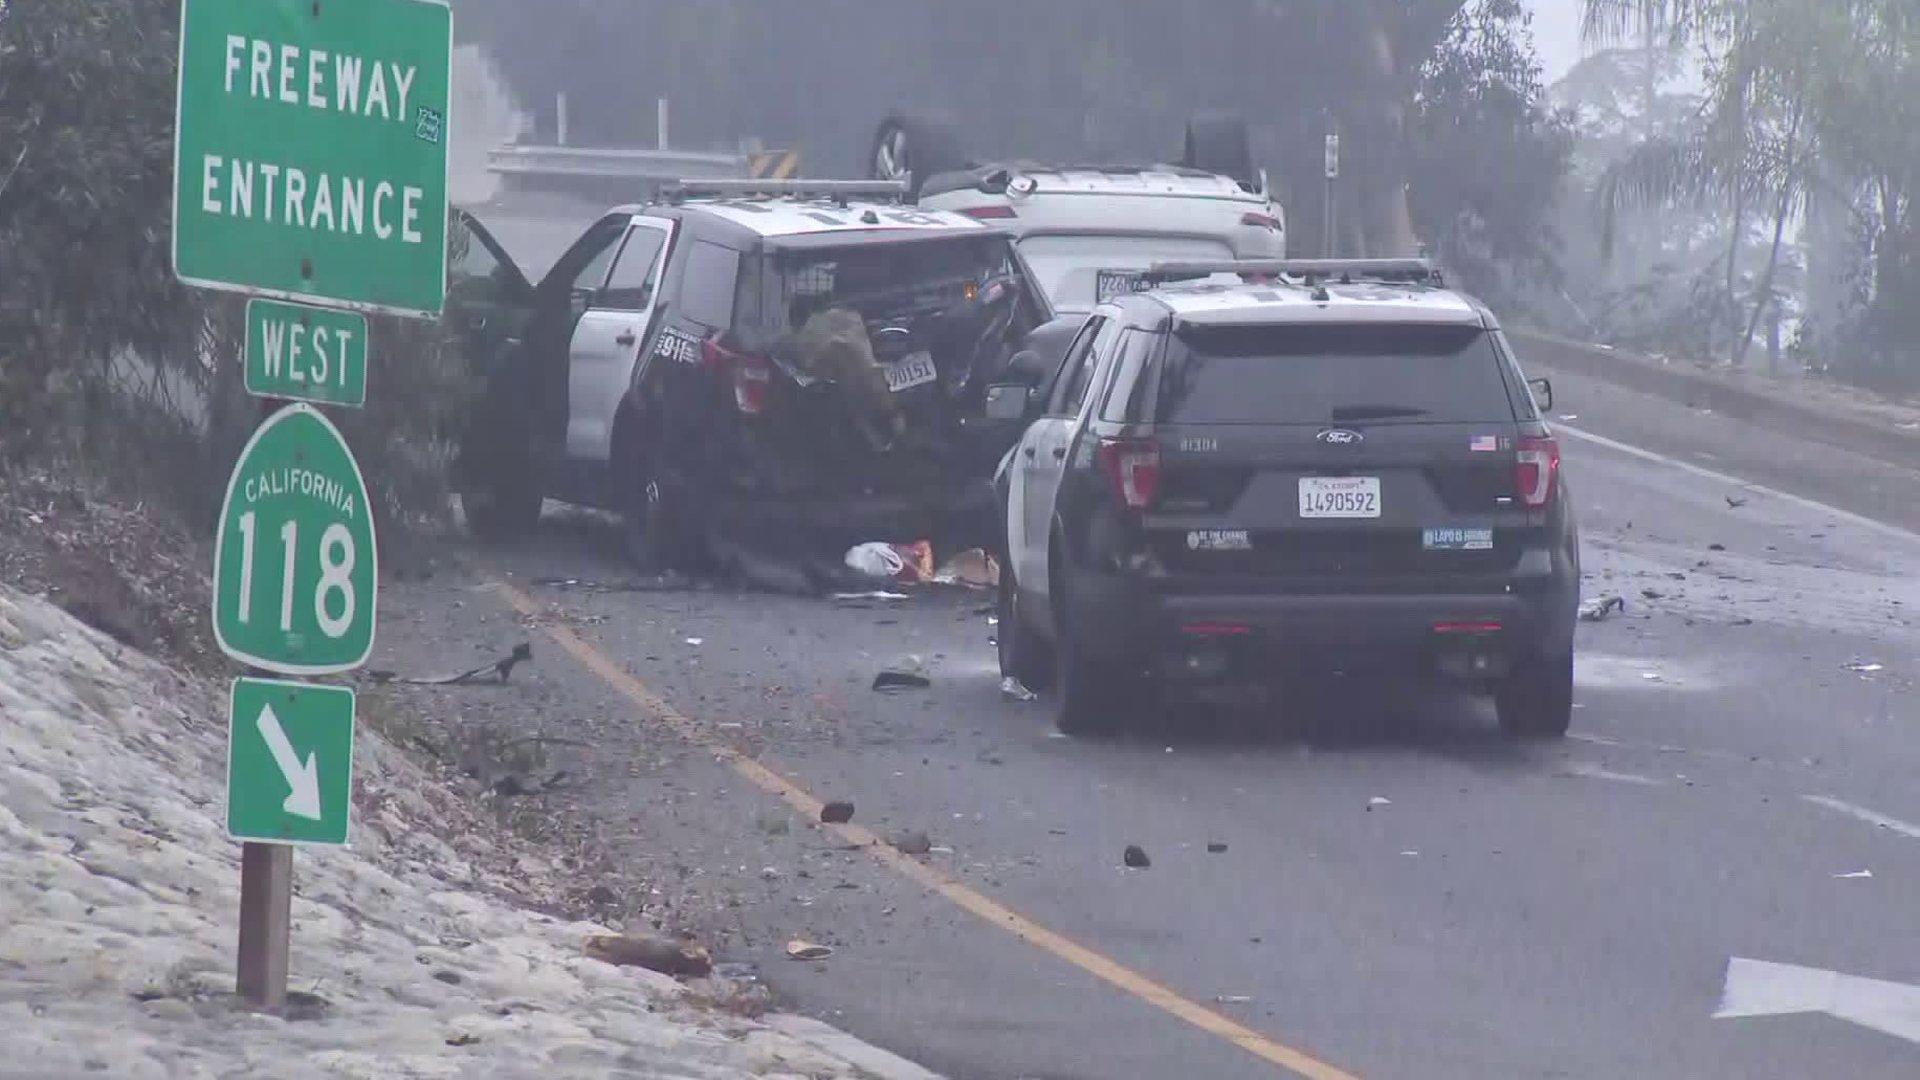 警匪追逐戰追出車禍 4名LAPD警員和2名劫車嫌犯紛紛掛彩。洛杉磯時報